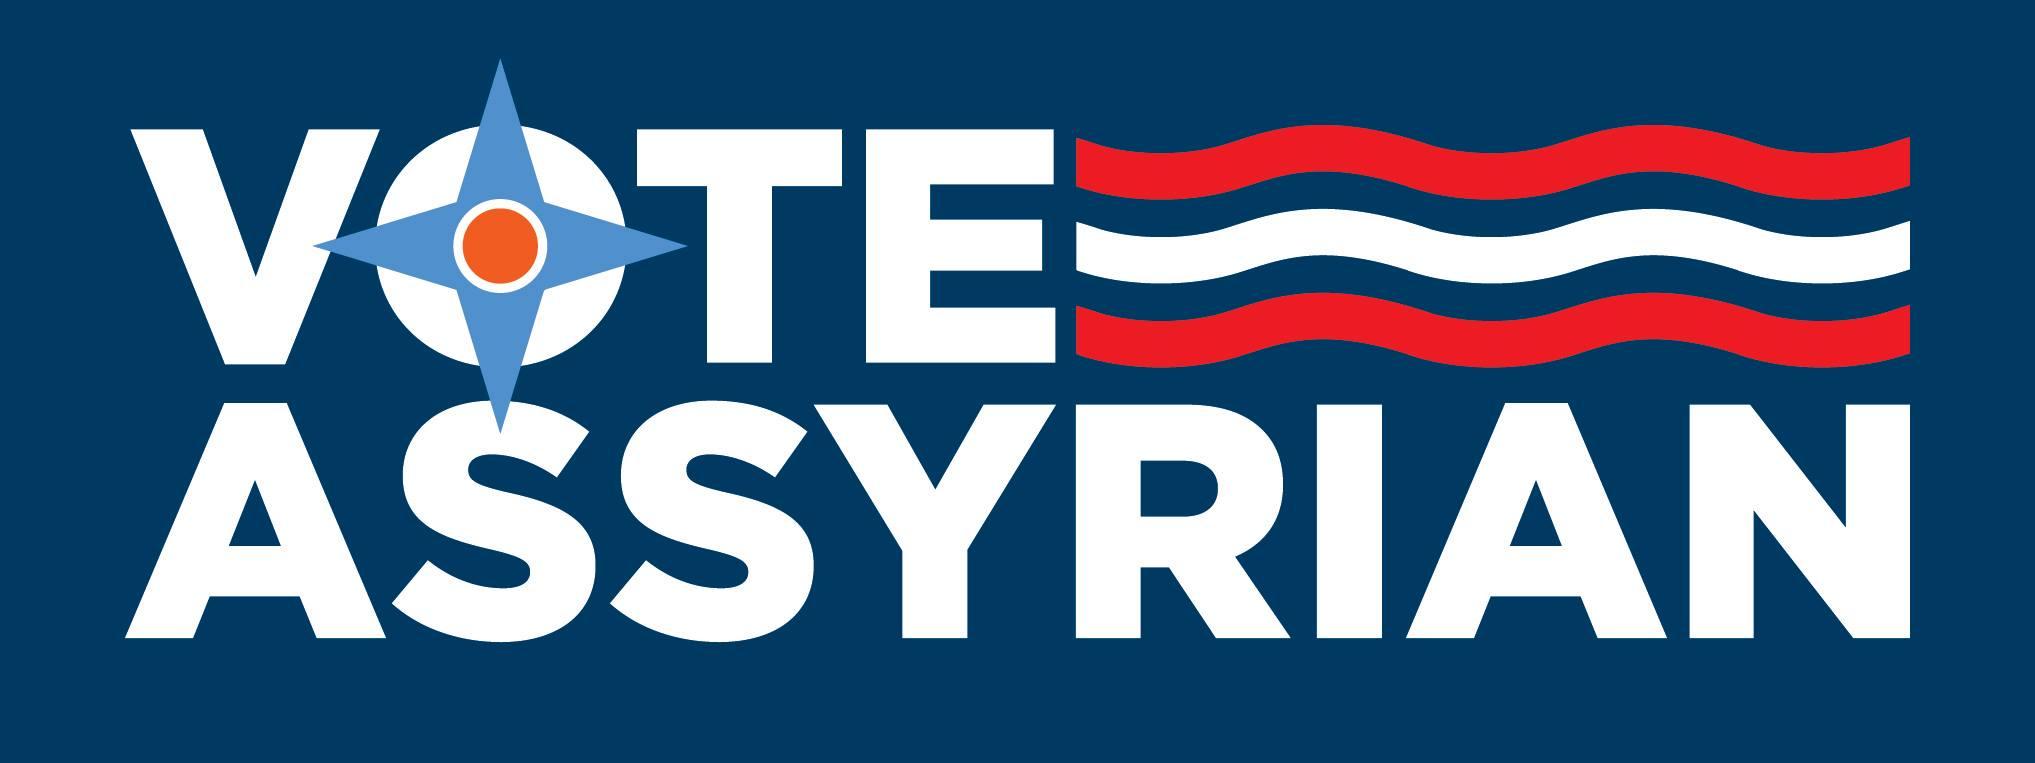 Vote Assyrian